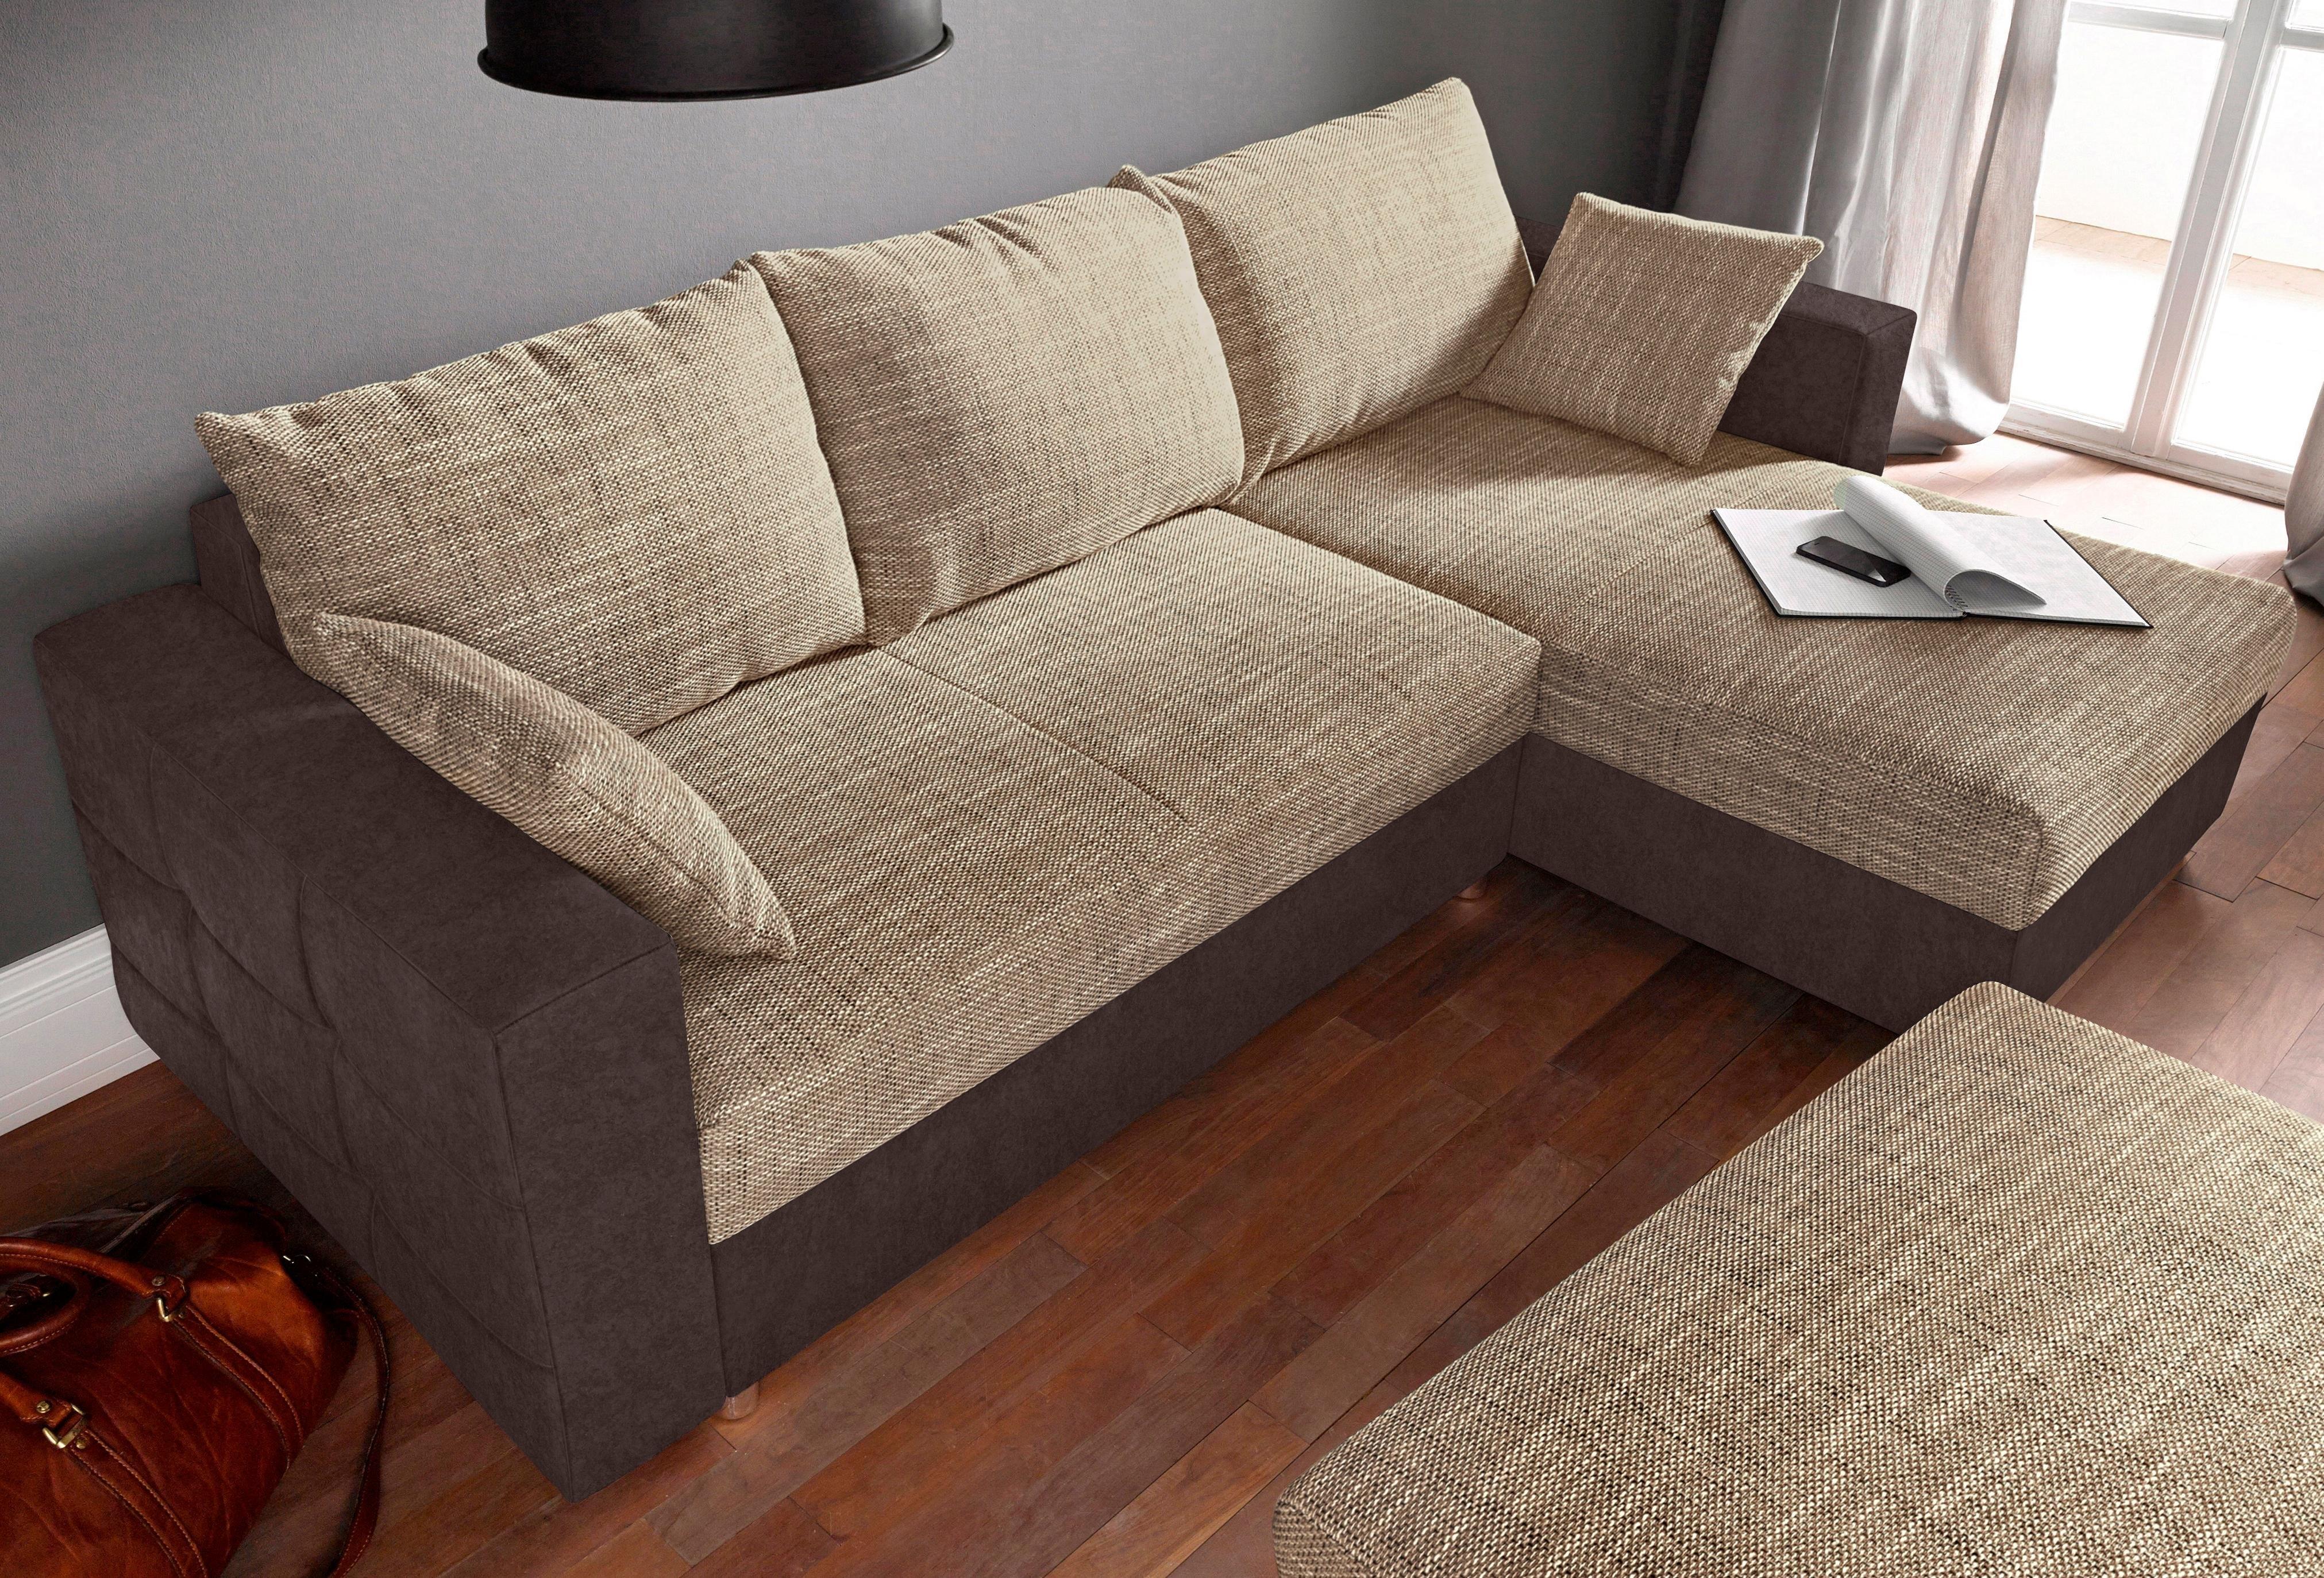 Sit&more hoekbank, inclusief slaapfunctie en bedkist veilig op otto.nl kopen